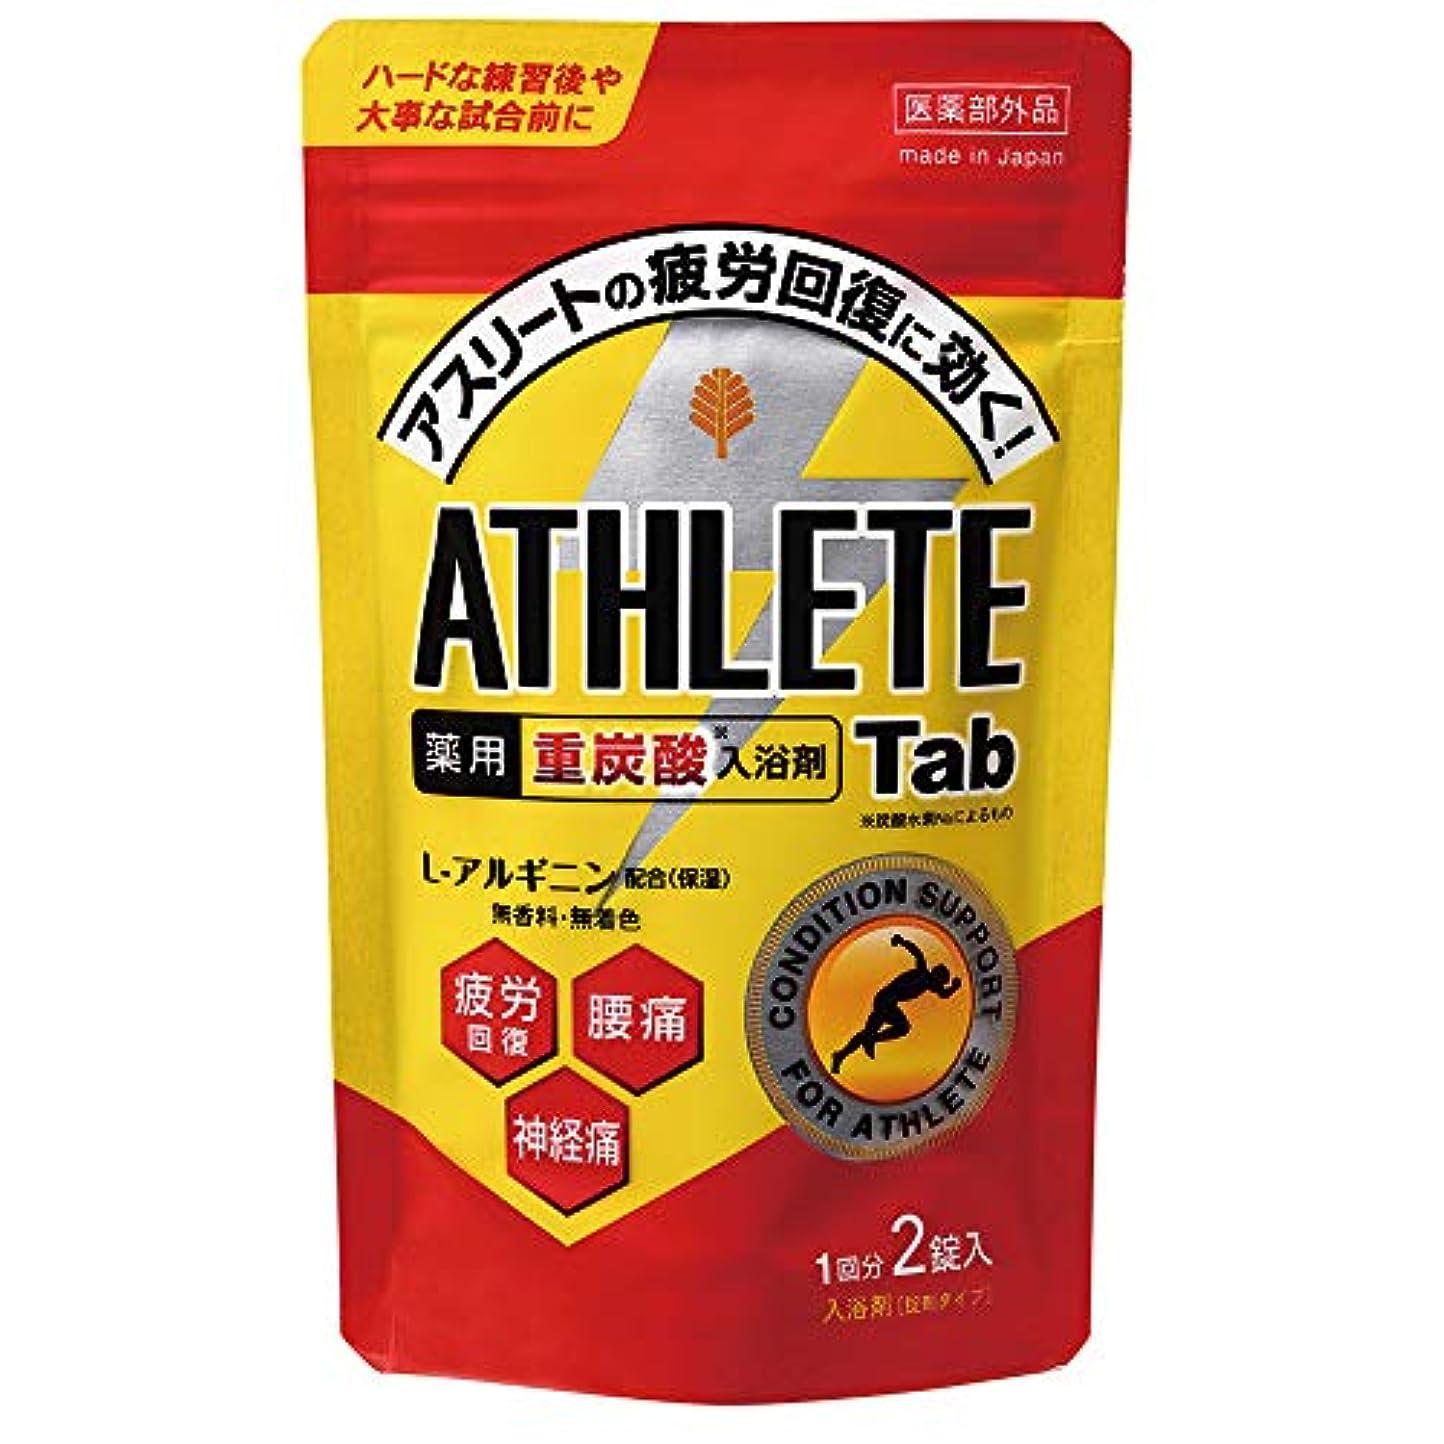 ギャザー起こるむさぼり食う日本製 made in japan 薬用 ATHLETE Tab2錠x1パック BT-8572 【まとめ買い12個セット】